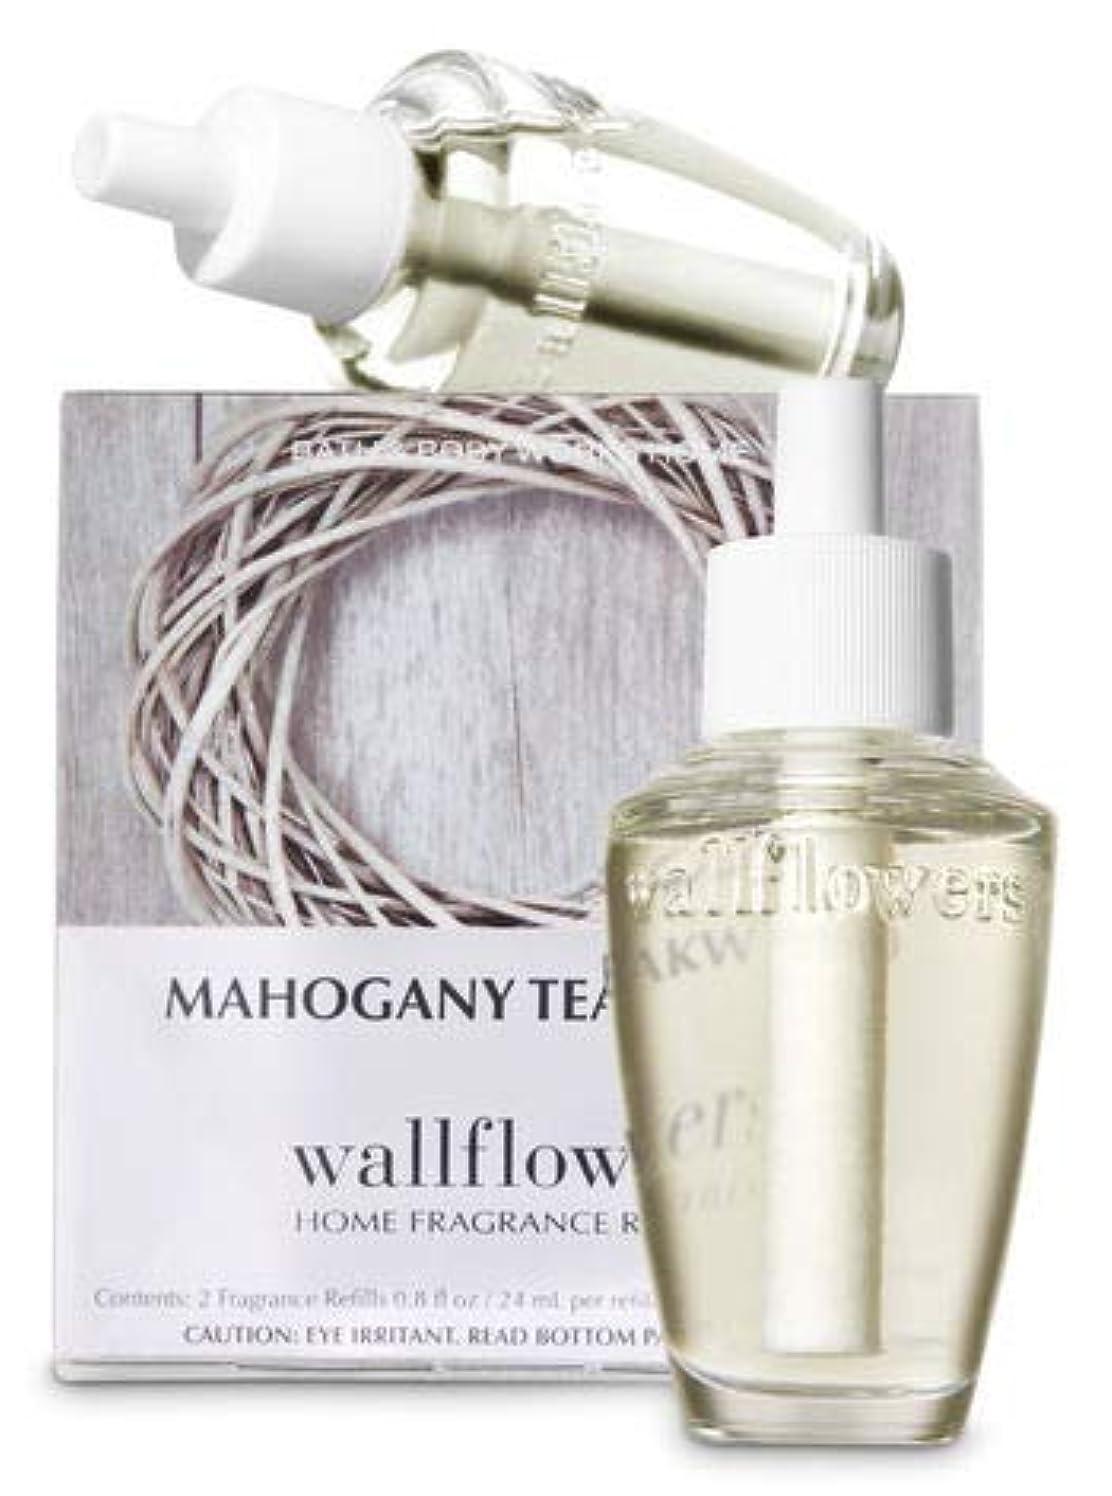 報奨金アーカイブ作曲家【Bath&Body Works/バス&ボディワークス】 ウォールフラワー フレグランス 詰替えリフィル(2個入り) マホガニーティークウッド Wallflowers Fragrance 2-Pack Refills Mahogany Teakwood [並行輸入品]